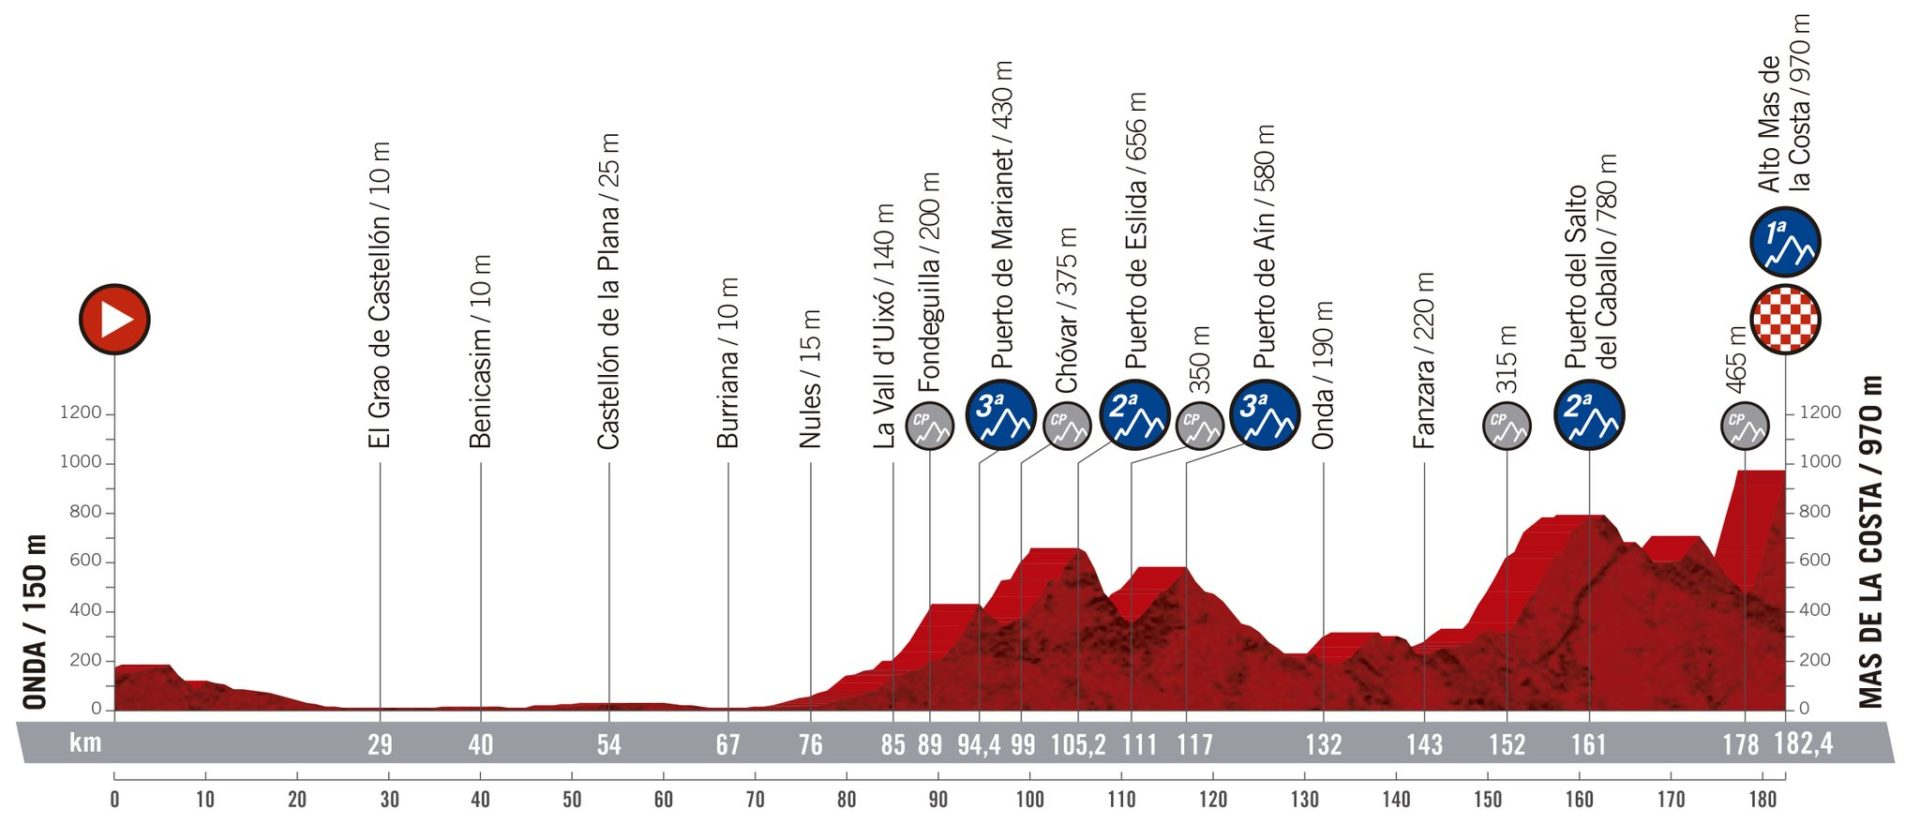 Onda- Mas de la Costa. La Vuelta 2019.